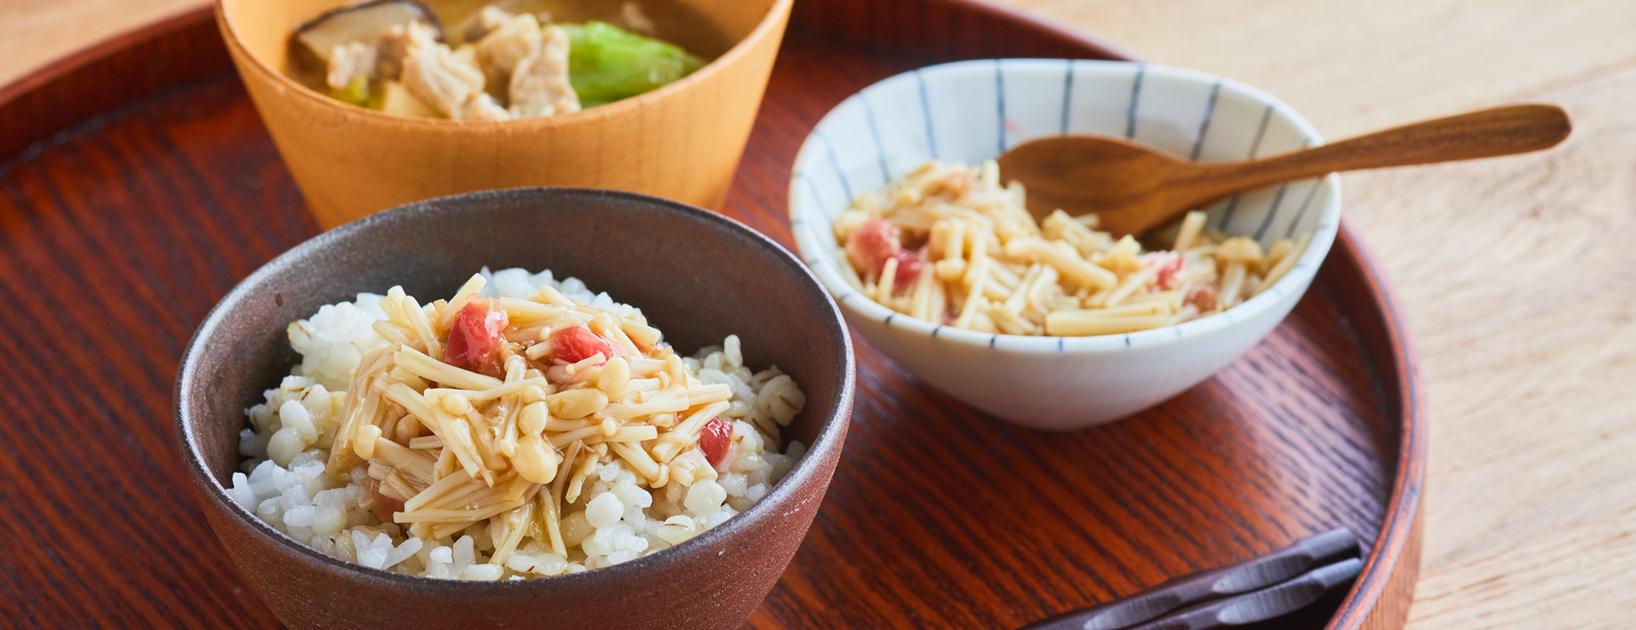 食物繊維が摂れる レンチン副菜